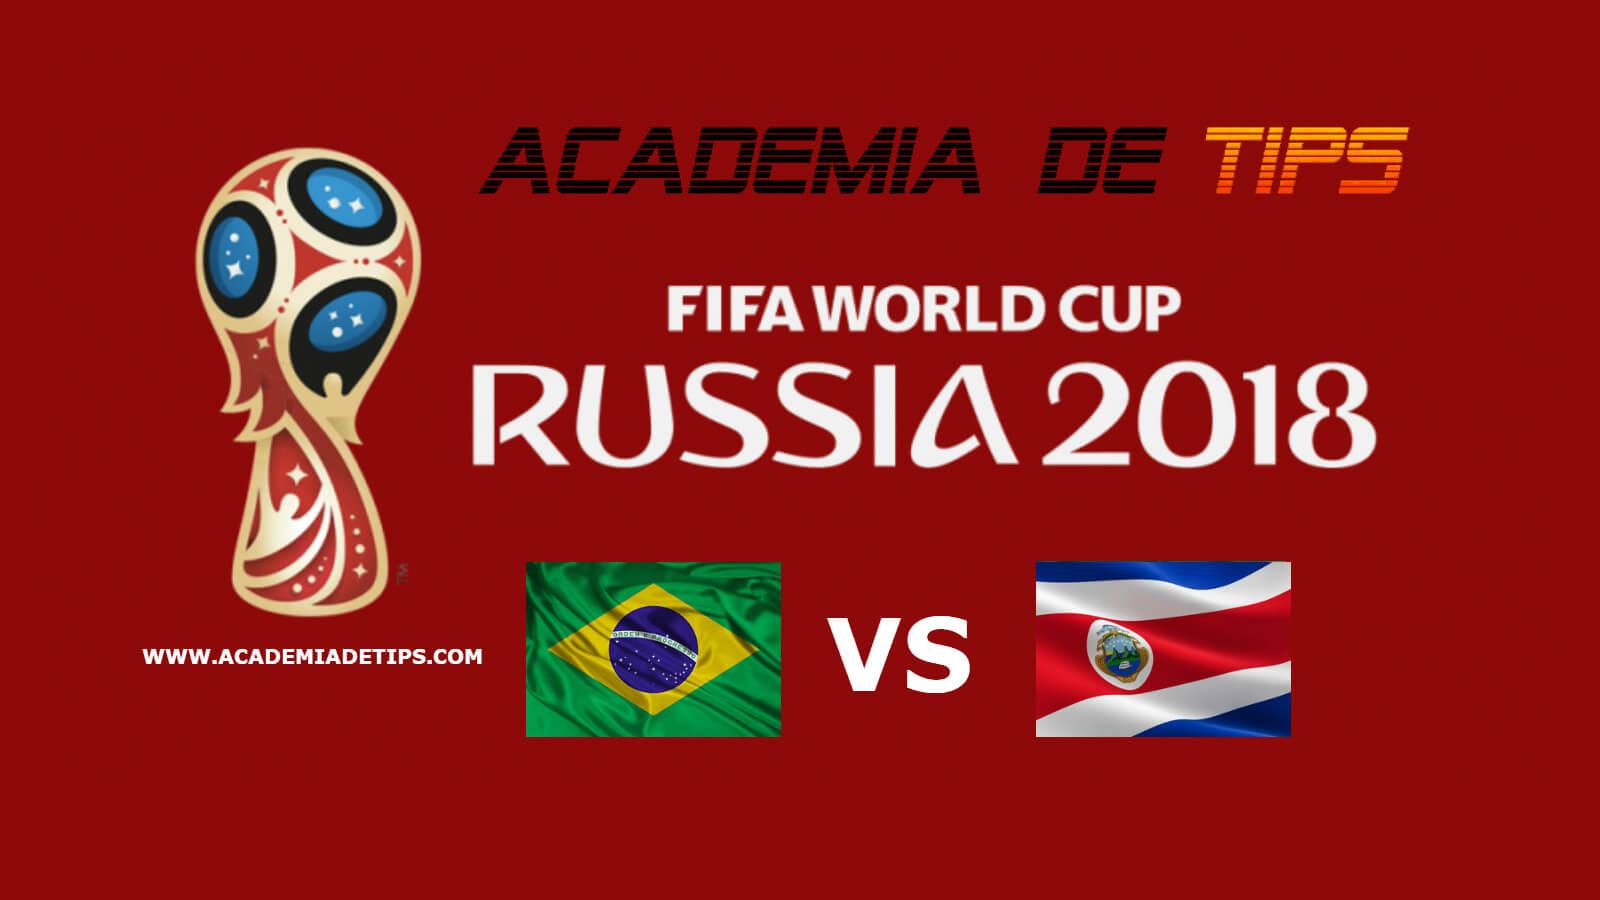 Prognóstico Brasil vs Costa Rica - Mundial FIFA 2018 • Os brasileiros ainda estão para tentar perceber o que se passou com a equipa, no jogo contra a Suíça.